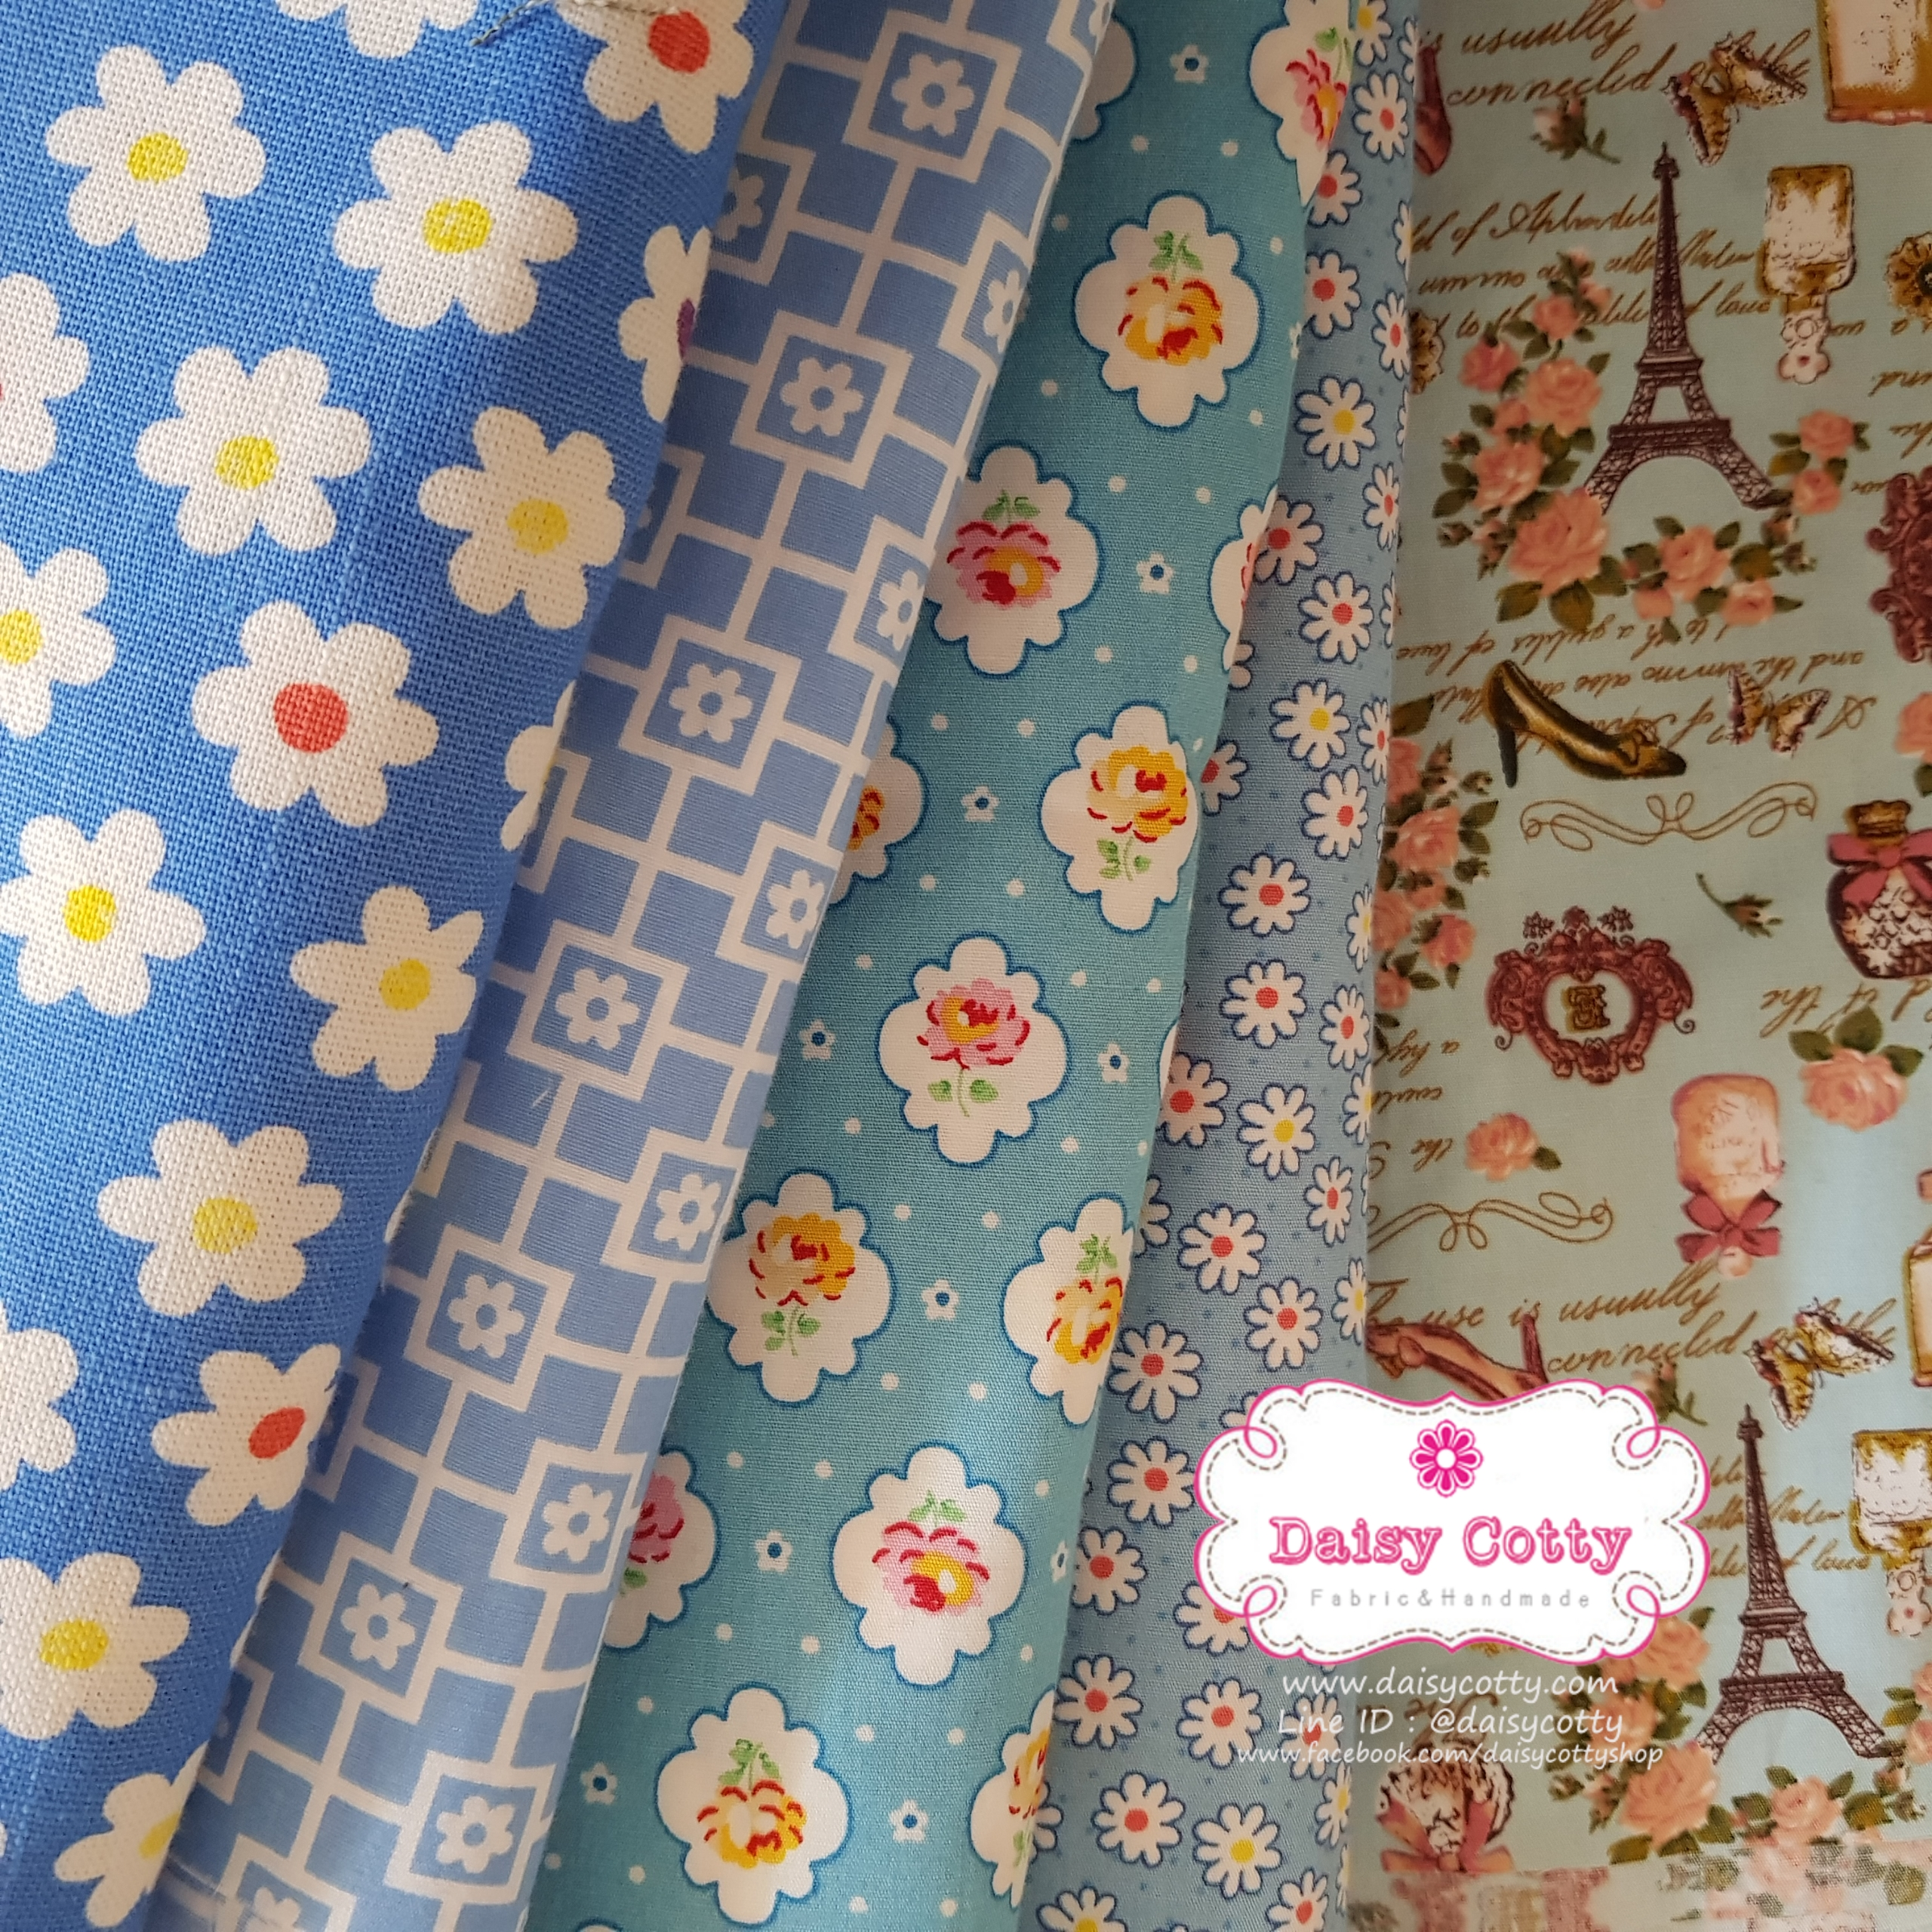 เซ็ท 5 ชิ้น : ผ้าคอตตอน100%และผ้าแคนวาสลายดอกไม้ โทนสีฟ้า ชิ้นละ1/8 ม.(50x27.5ซม.)